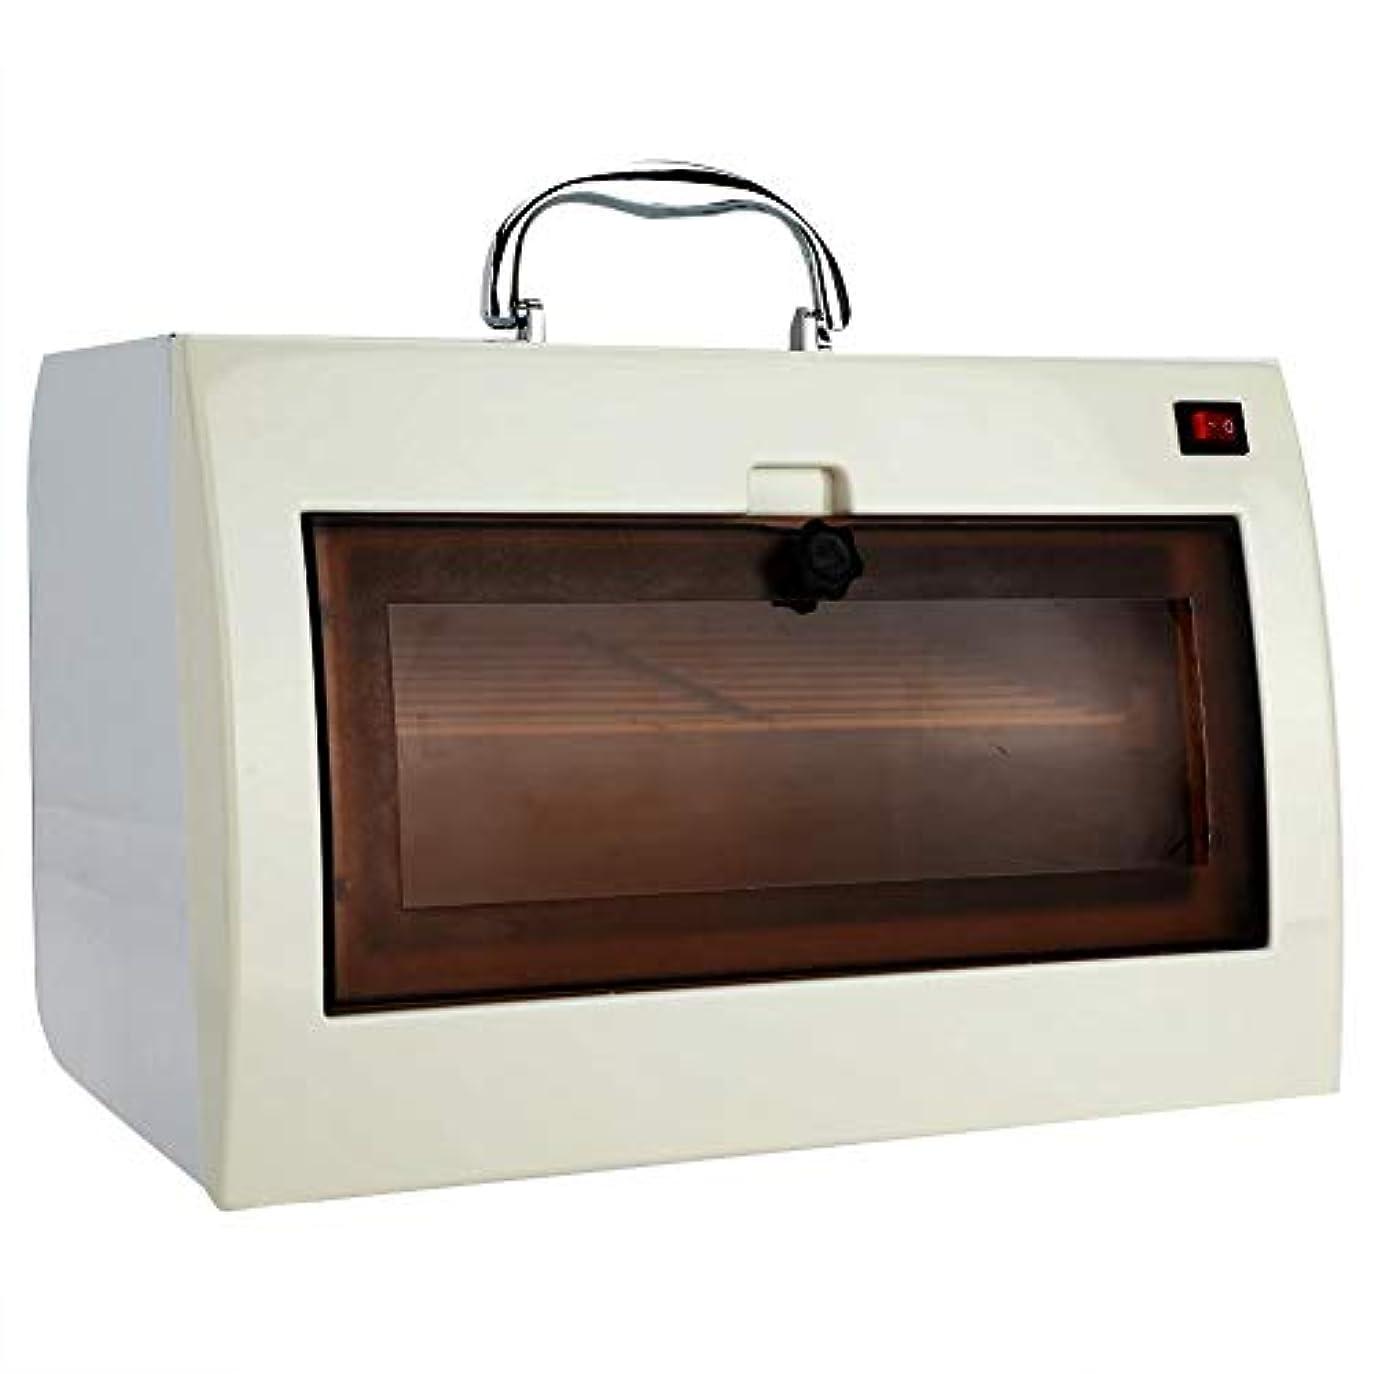 ビーム大気どこにでもタオルウォーマー 消毒ボックス UV オゾン滅菌キャビネット ネイルツール用 タオルおよびホットハサミ用美容滅菌装置美容院 (1)